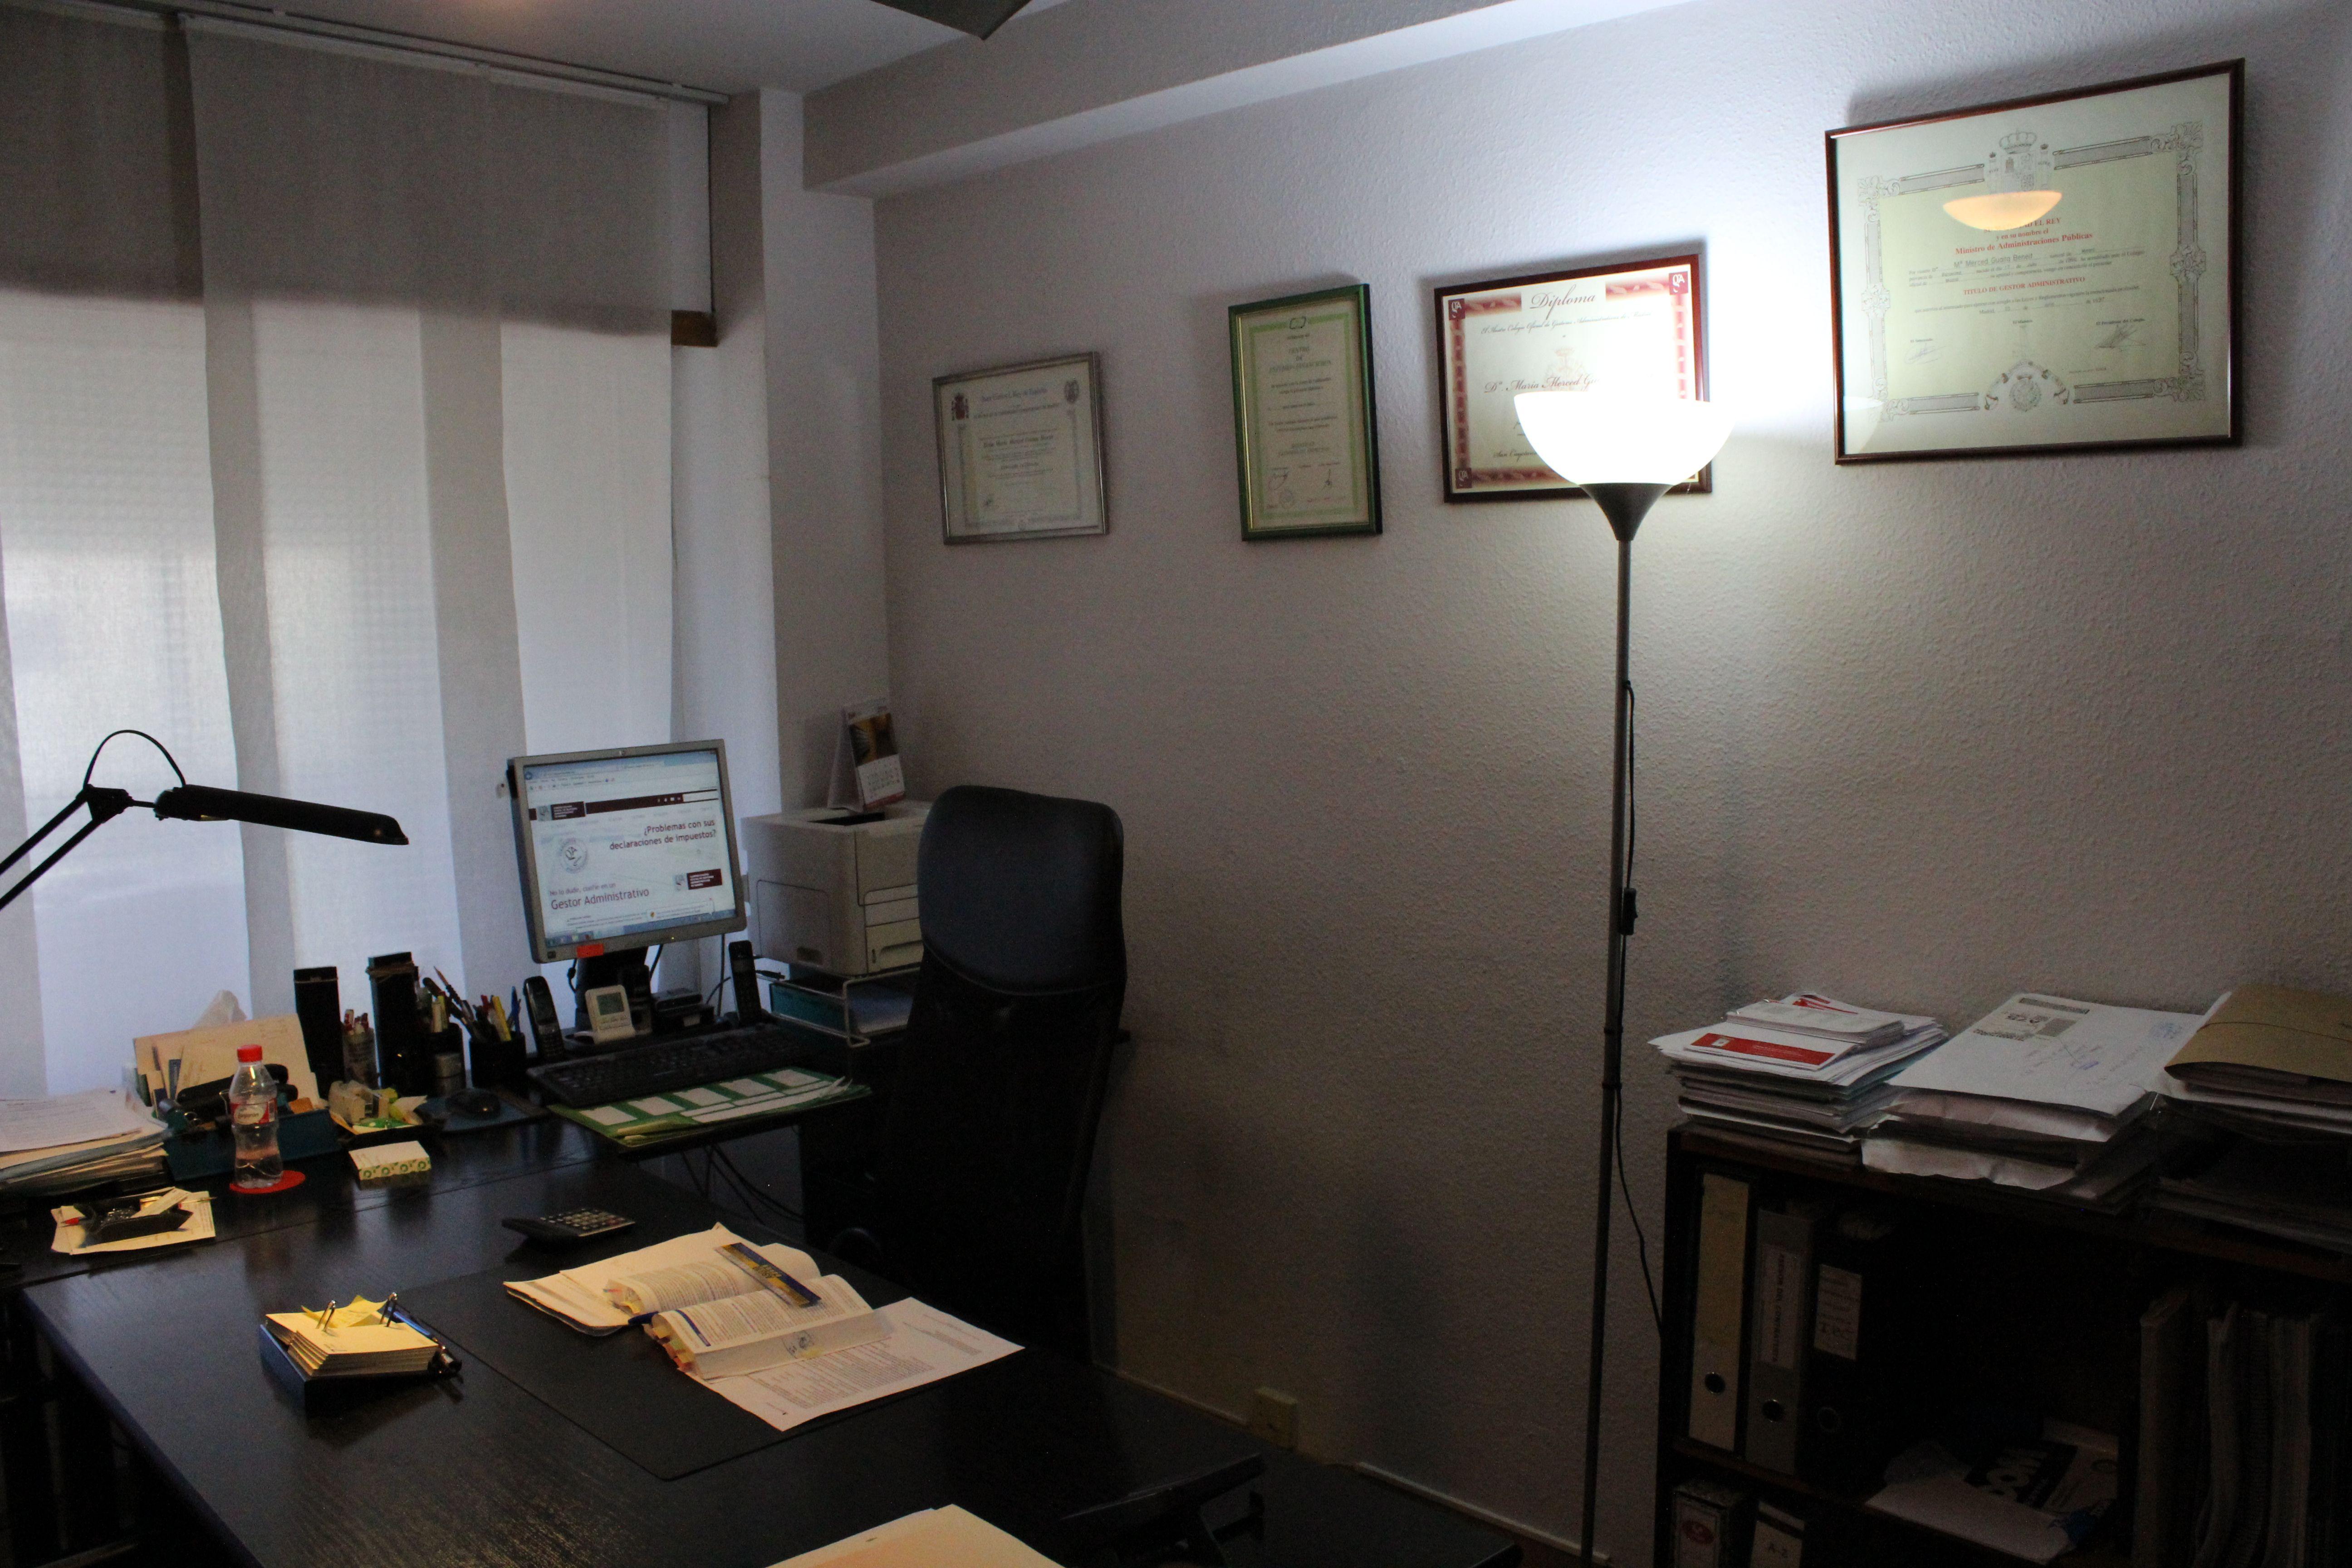 Foto 4 de Gestorías administrativas en Madrid   Gestoría Guaita Beneit